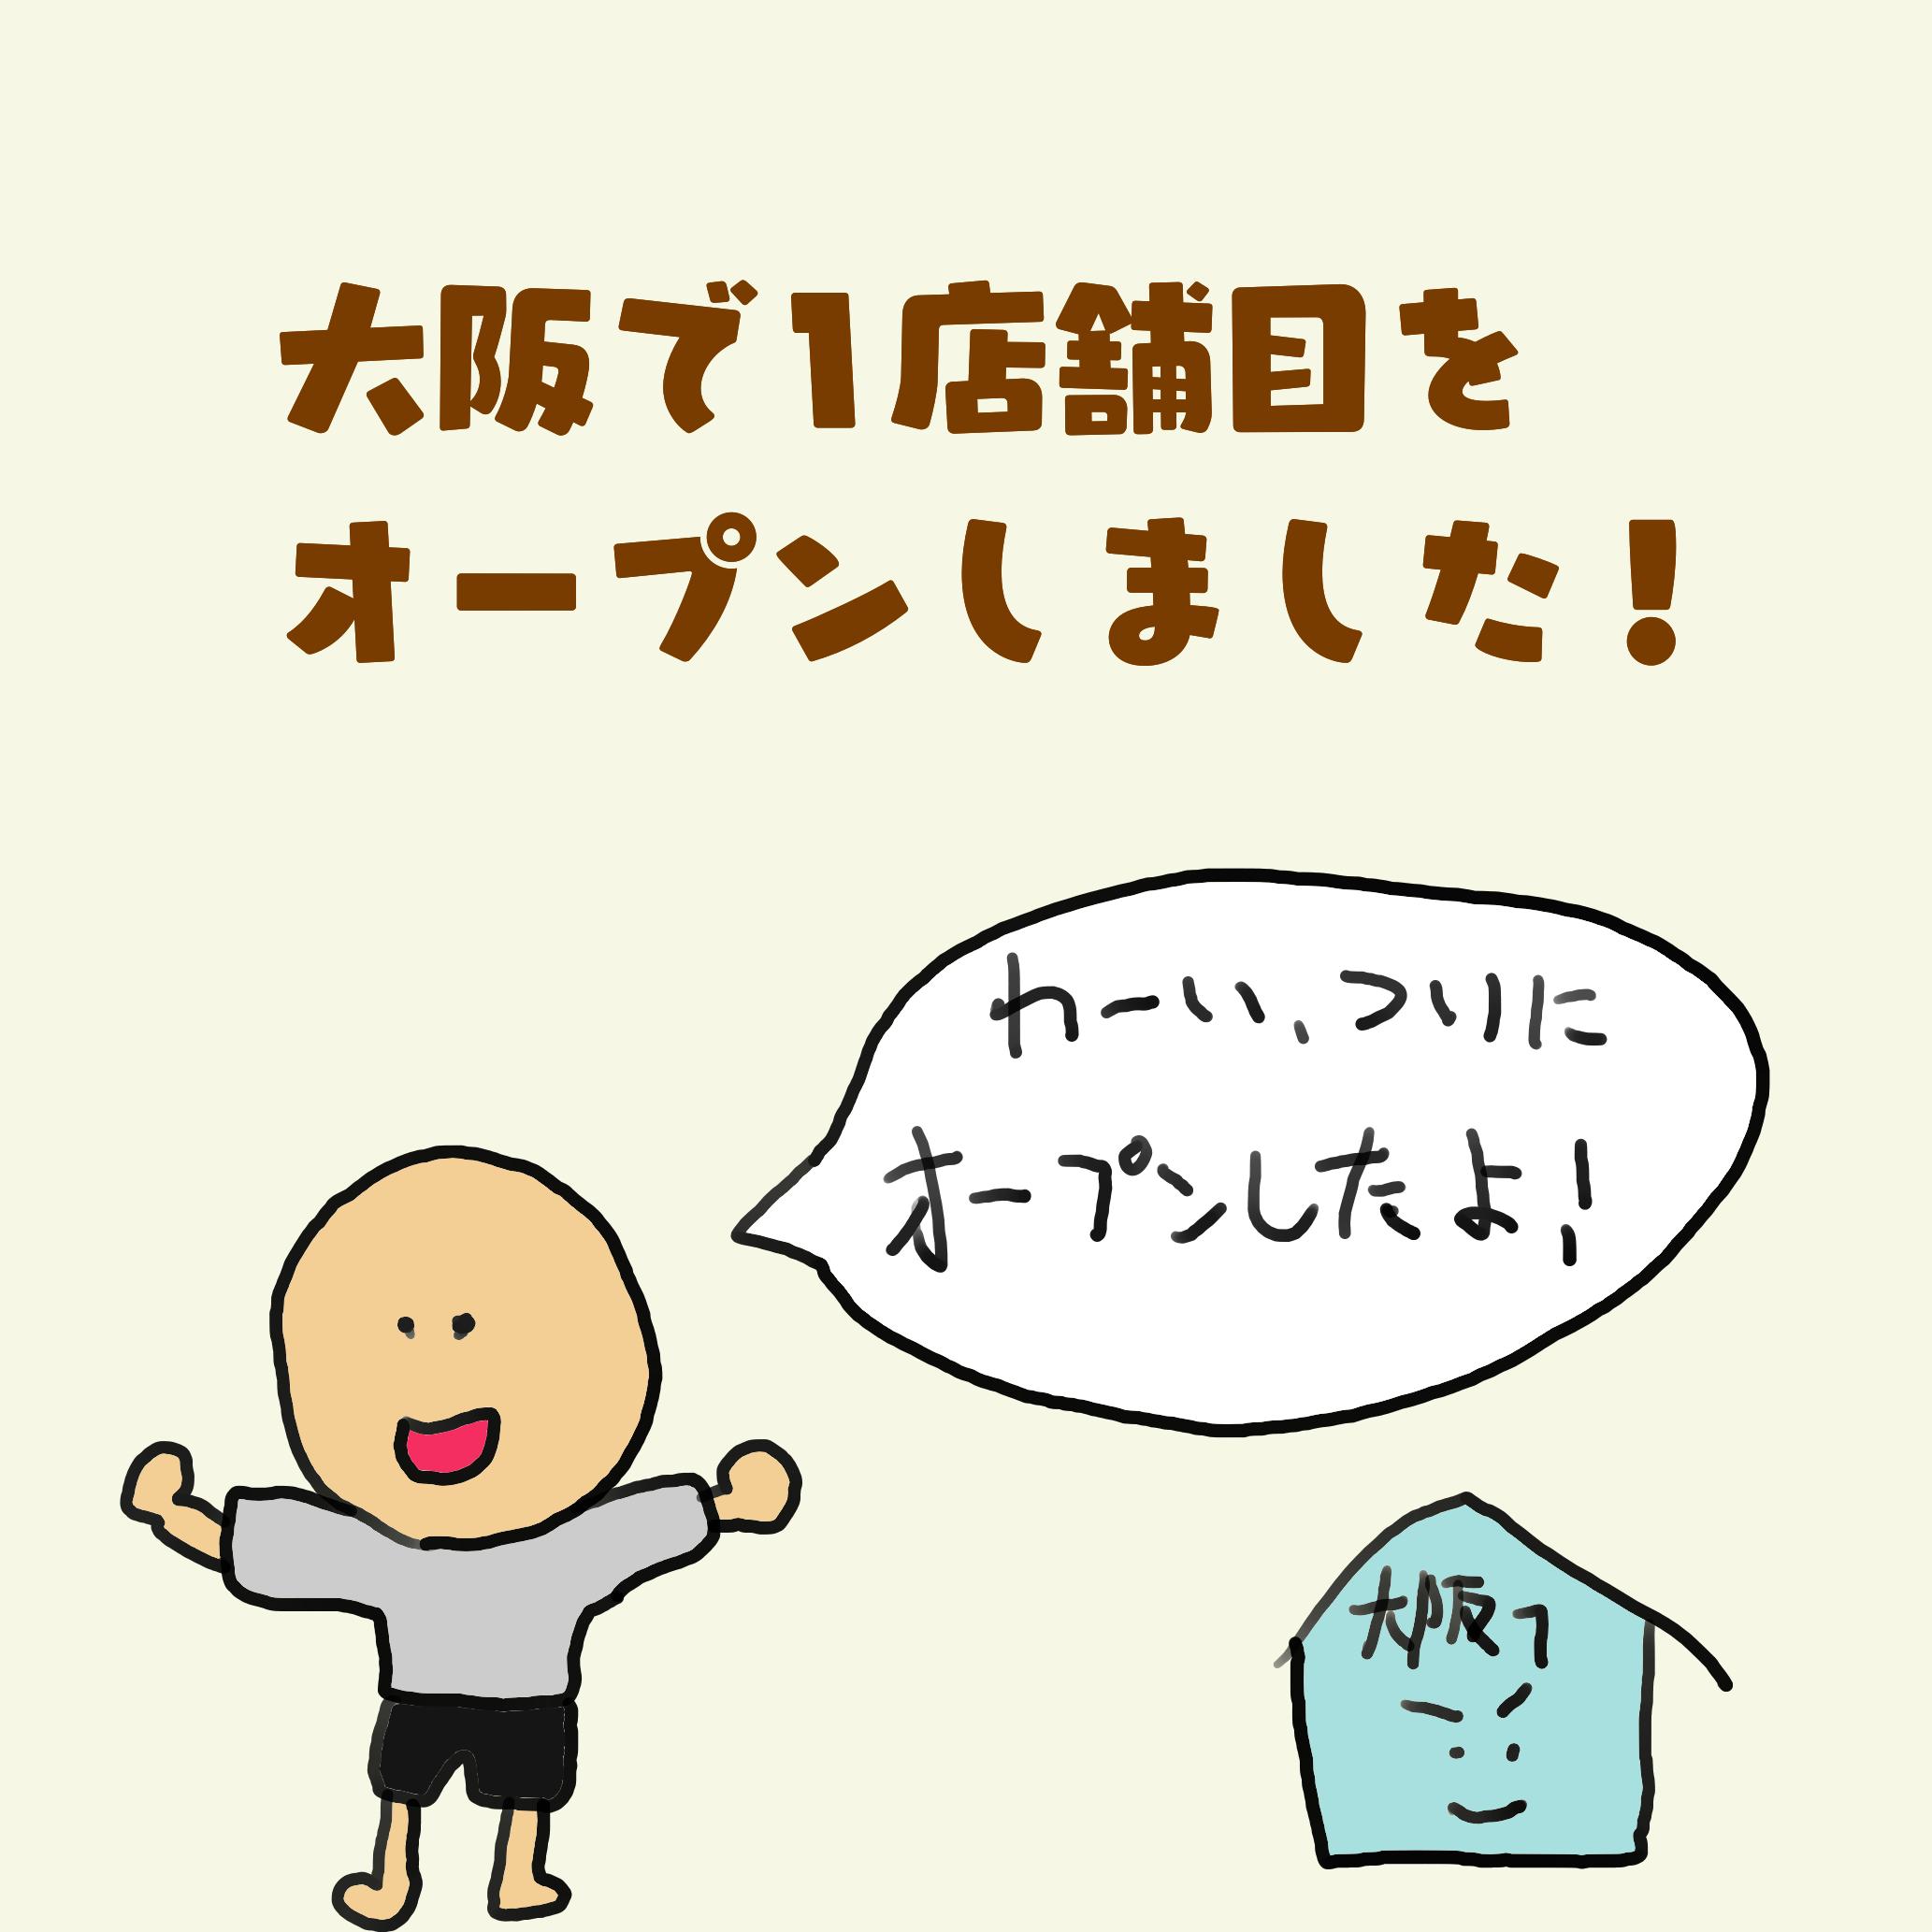 大阪で1店舗目をオープンしました